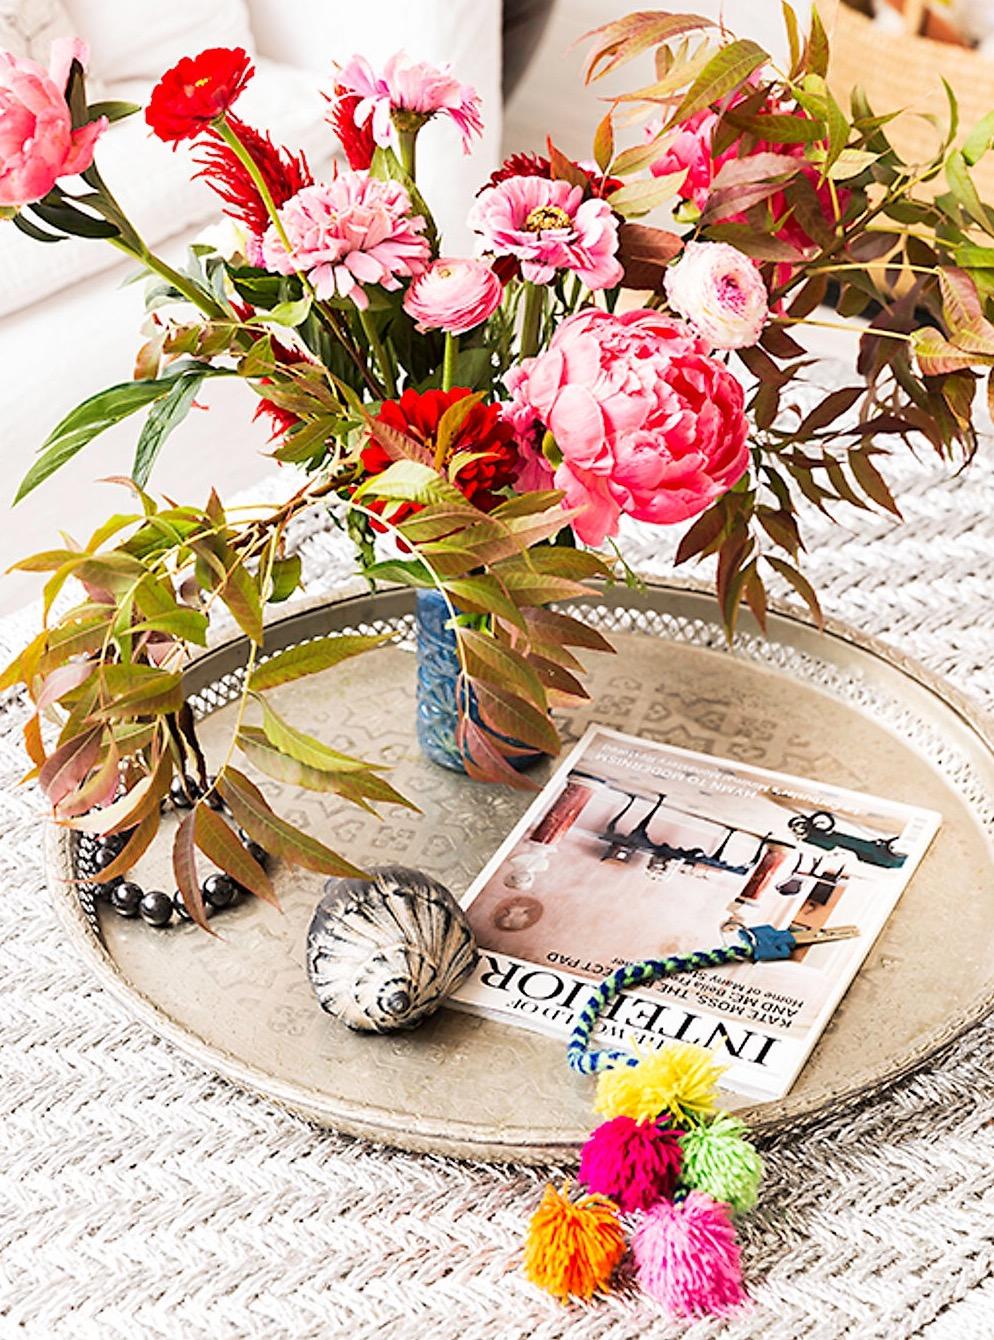 поднос ваза цветы бижутерия журнал